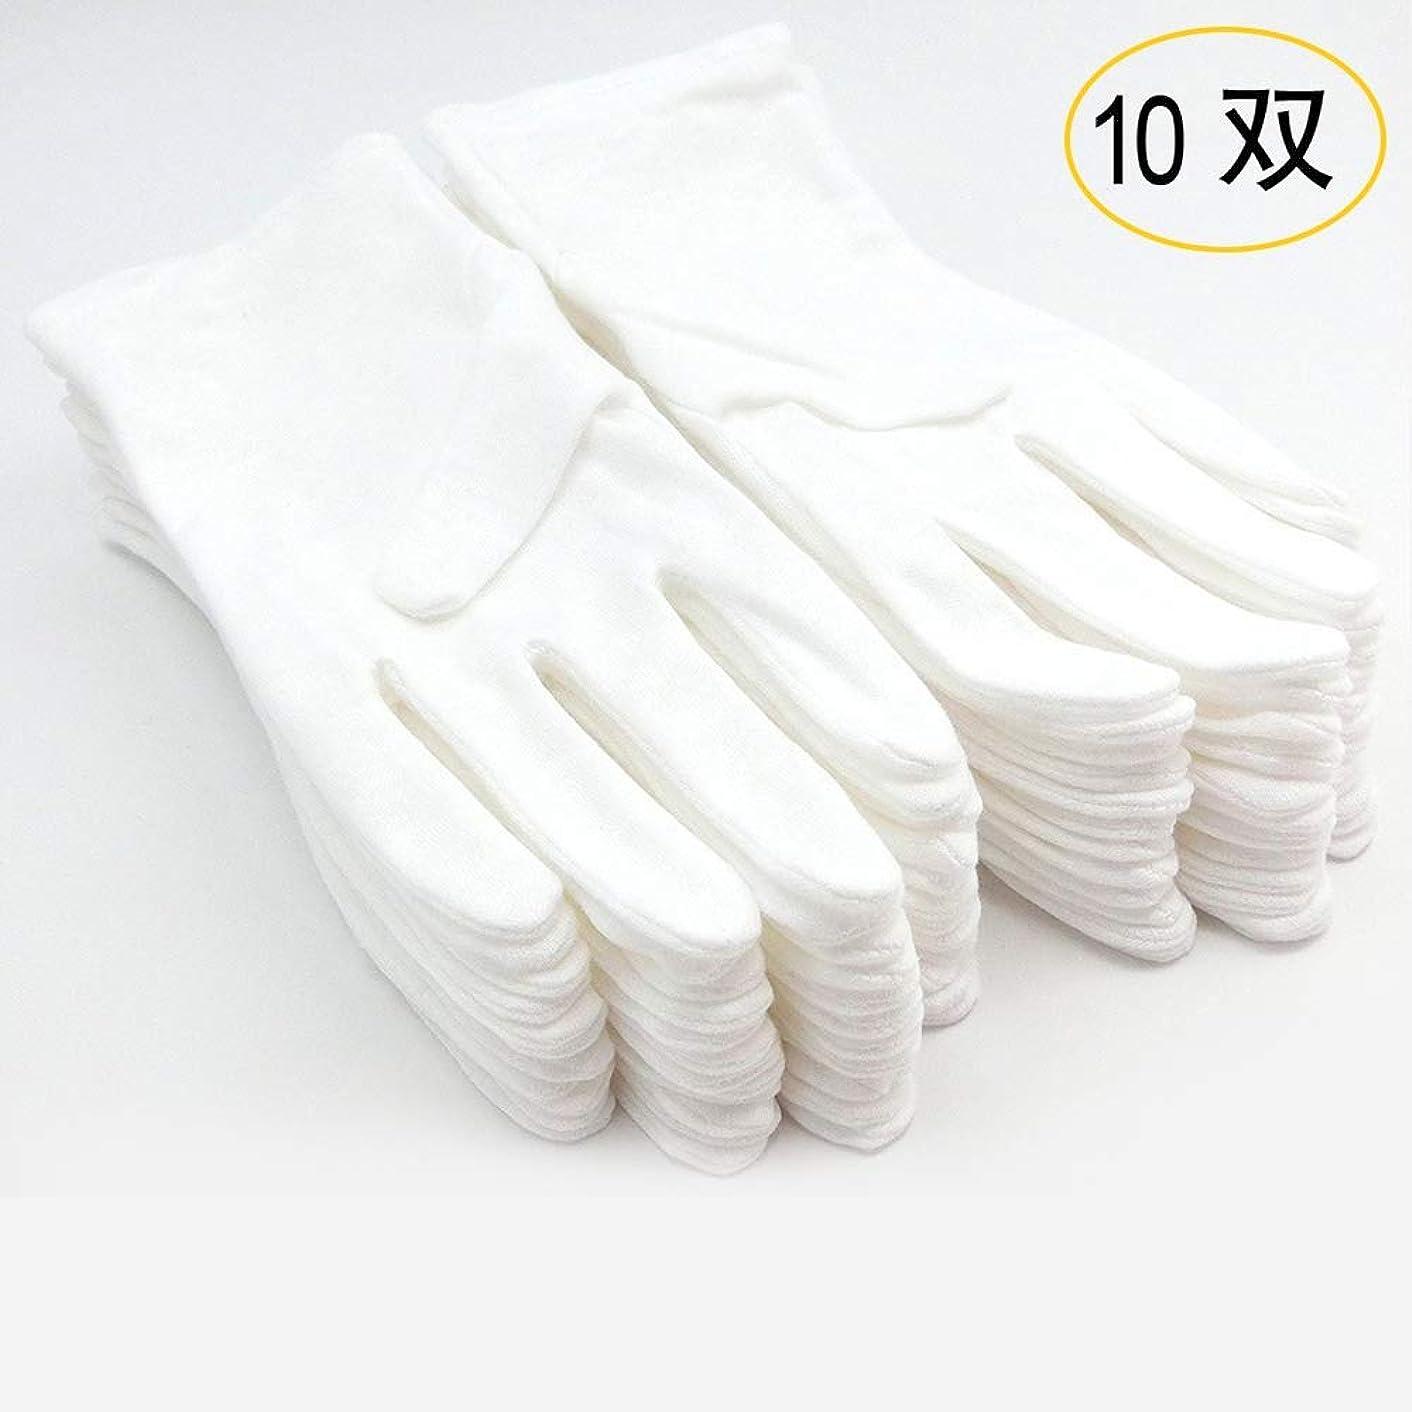 お父さん学習者薄汚い綿手袋 純綿100% 通気性 コットン手袋 10双組